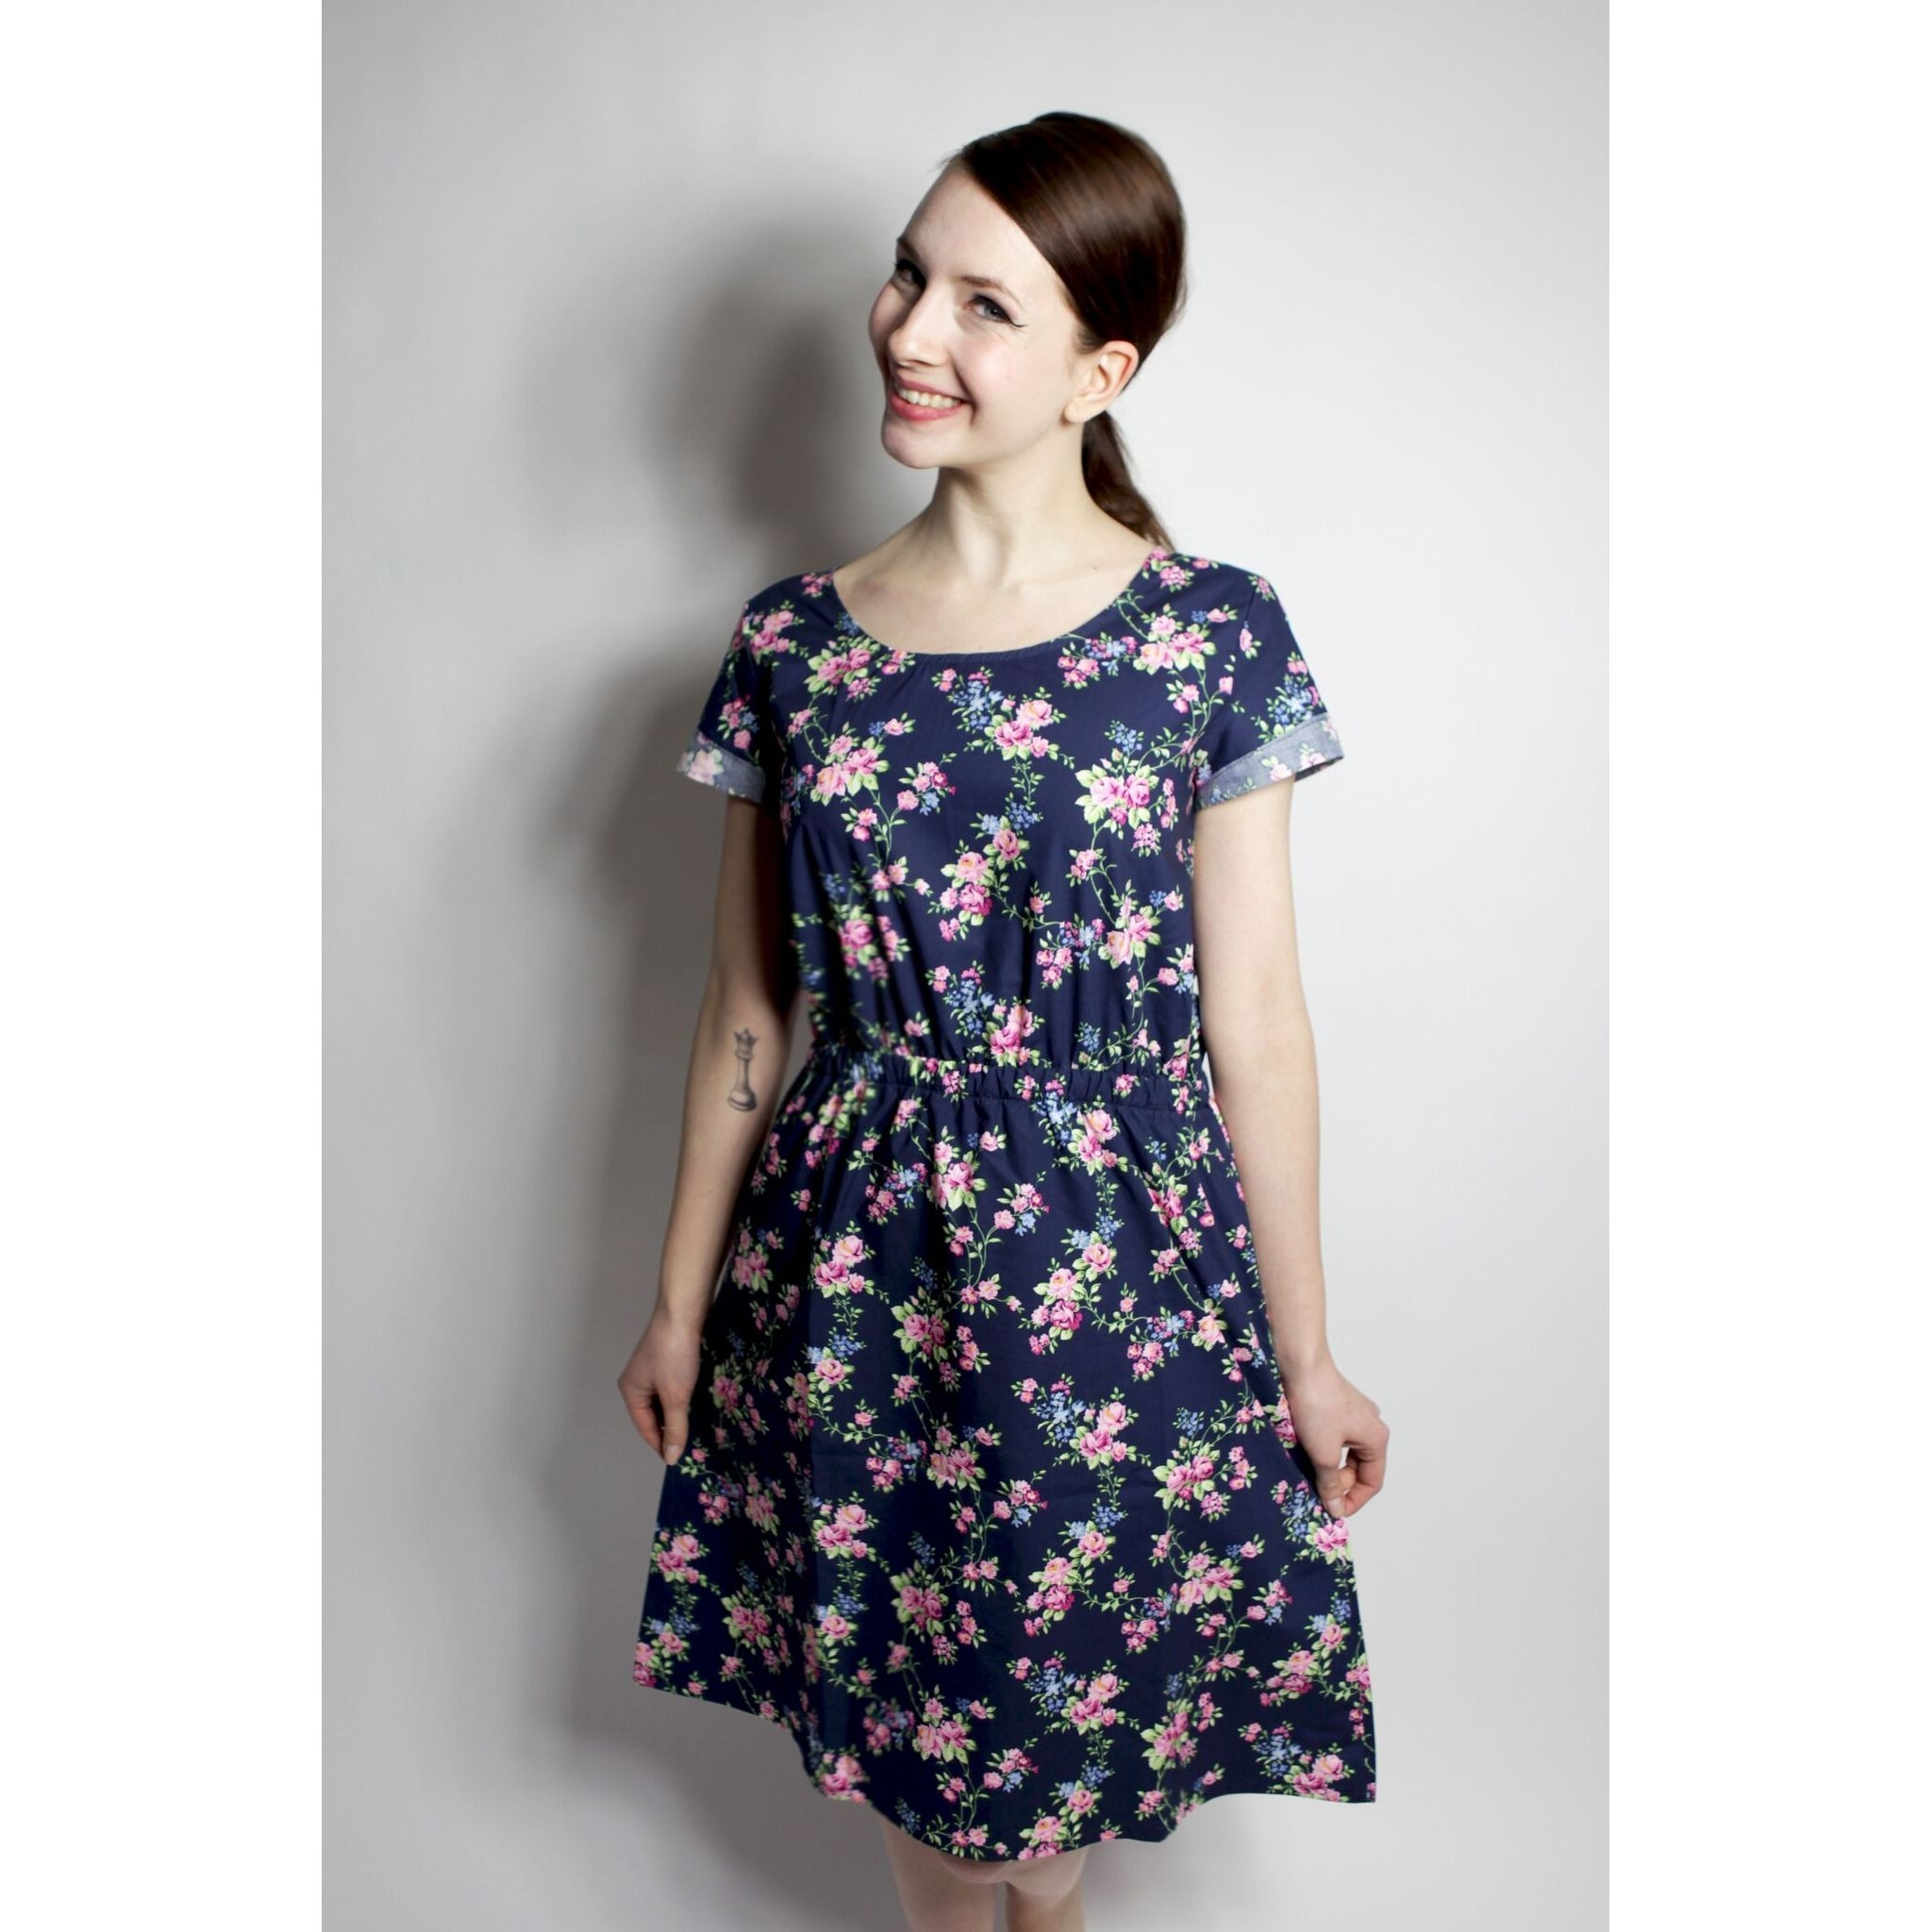 13 Schön Kleid Blau Galerie17 Einzigartig Kleid Blau Design